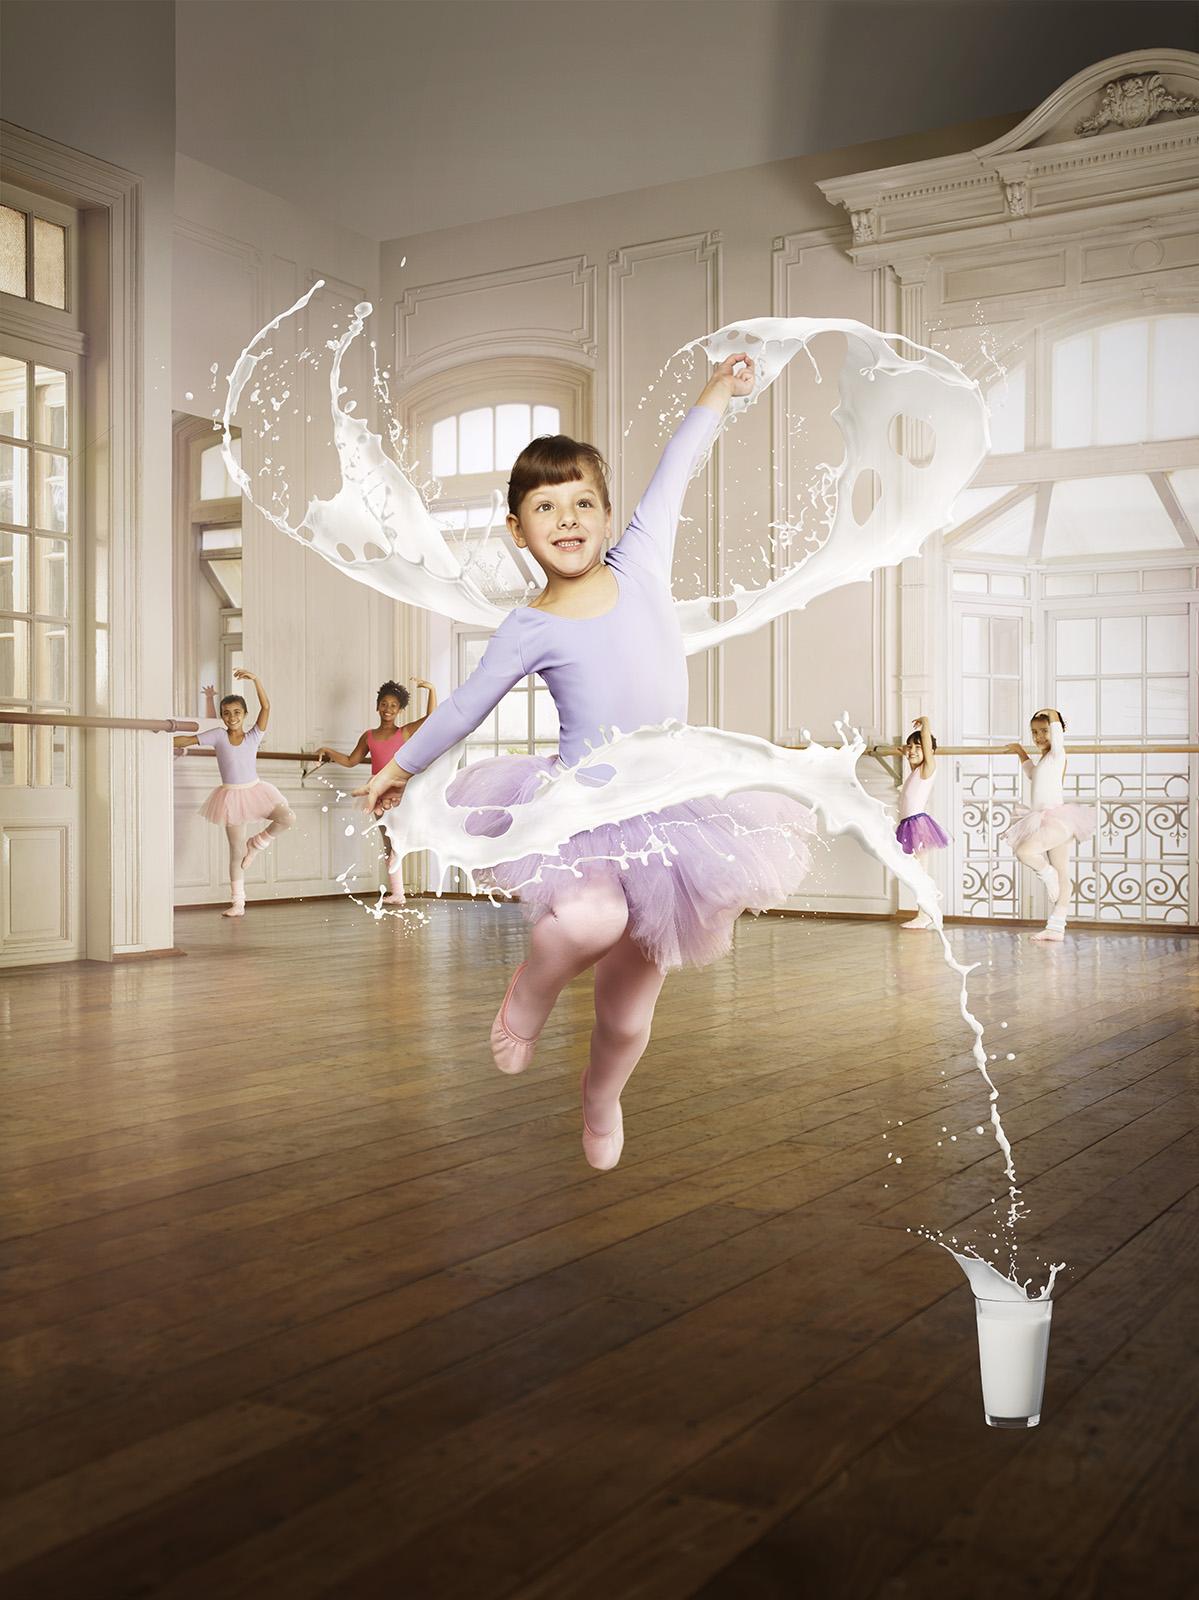 Ballerina_Got-Milk_LowRez.jpg